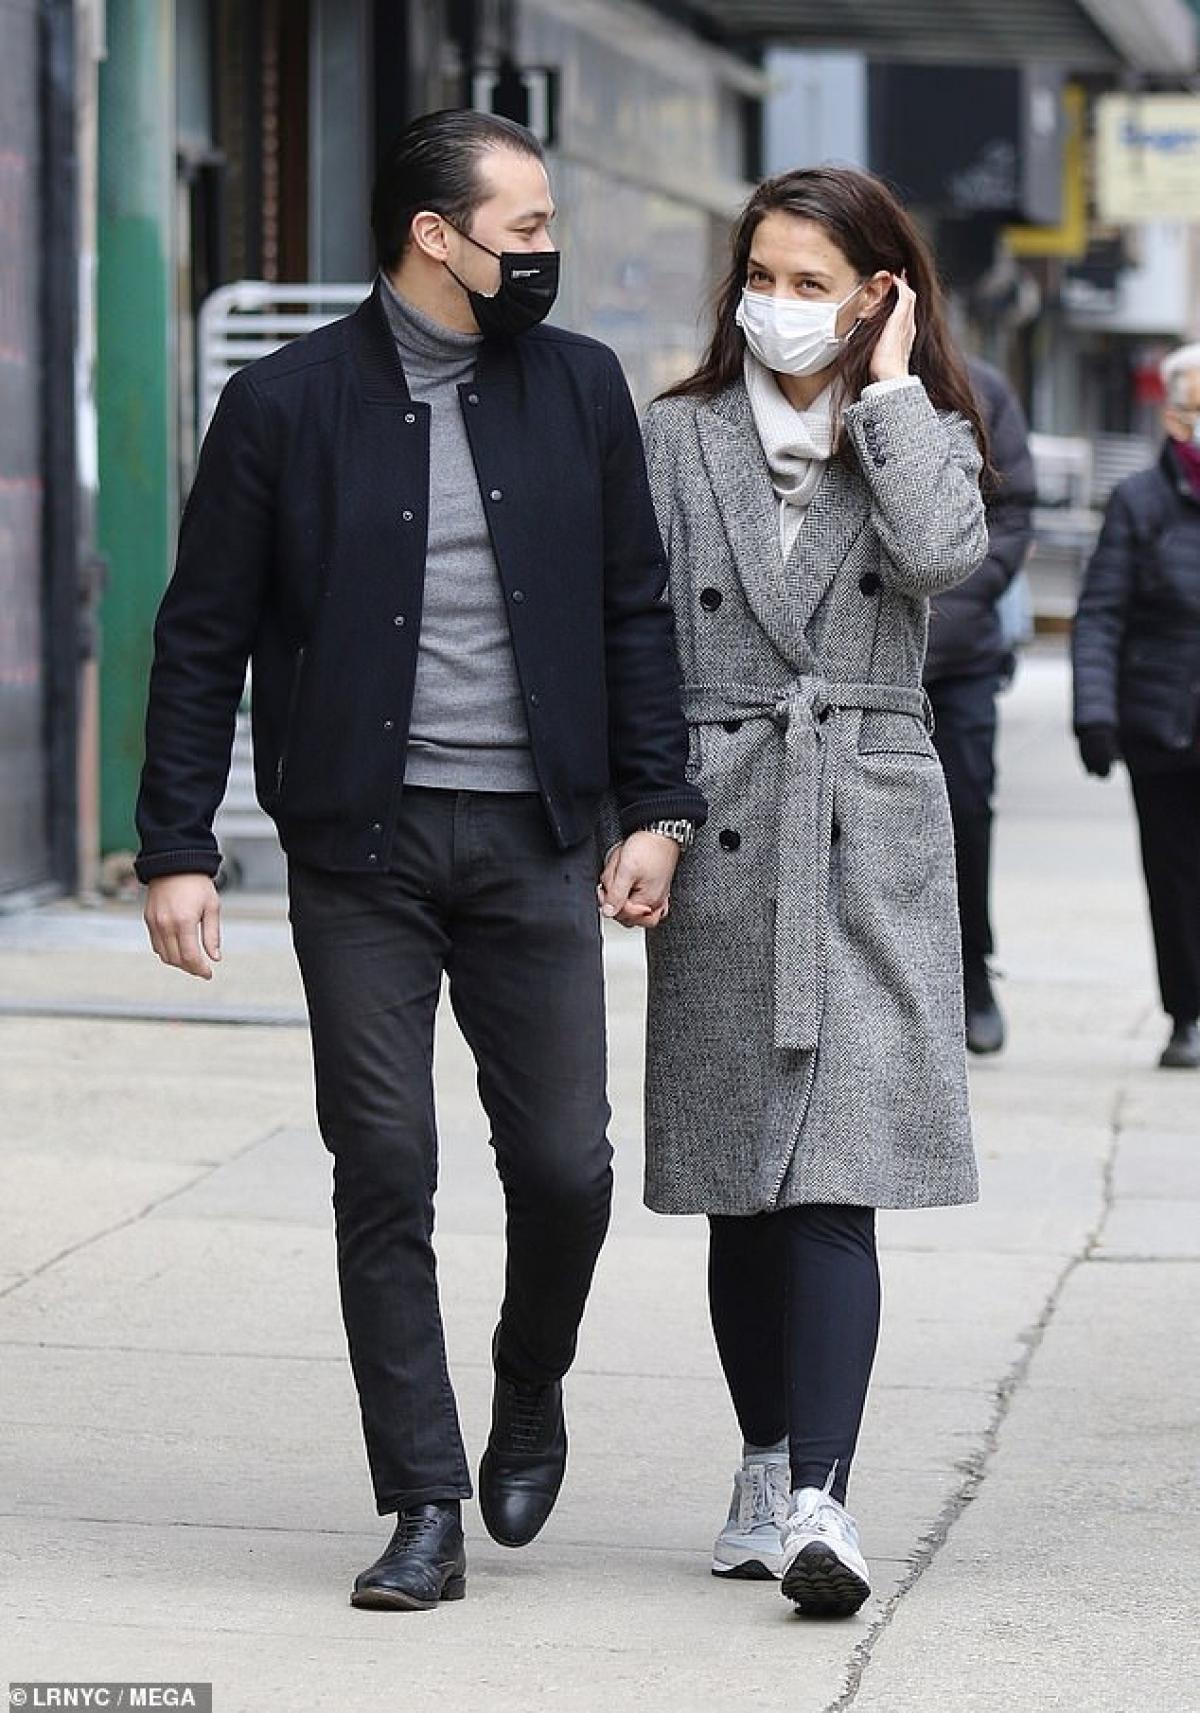 Từ khi có bạn trai mới, vợ cũ Tom Cruise trông tươi vui và hạnh phúc hơn nhiều.